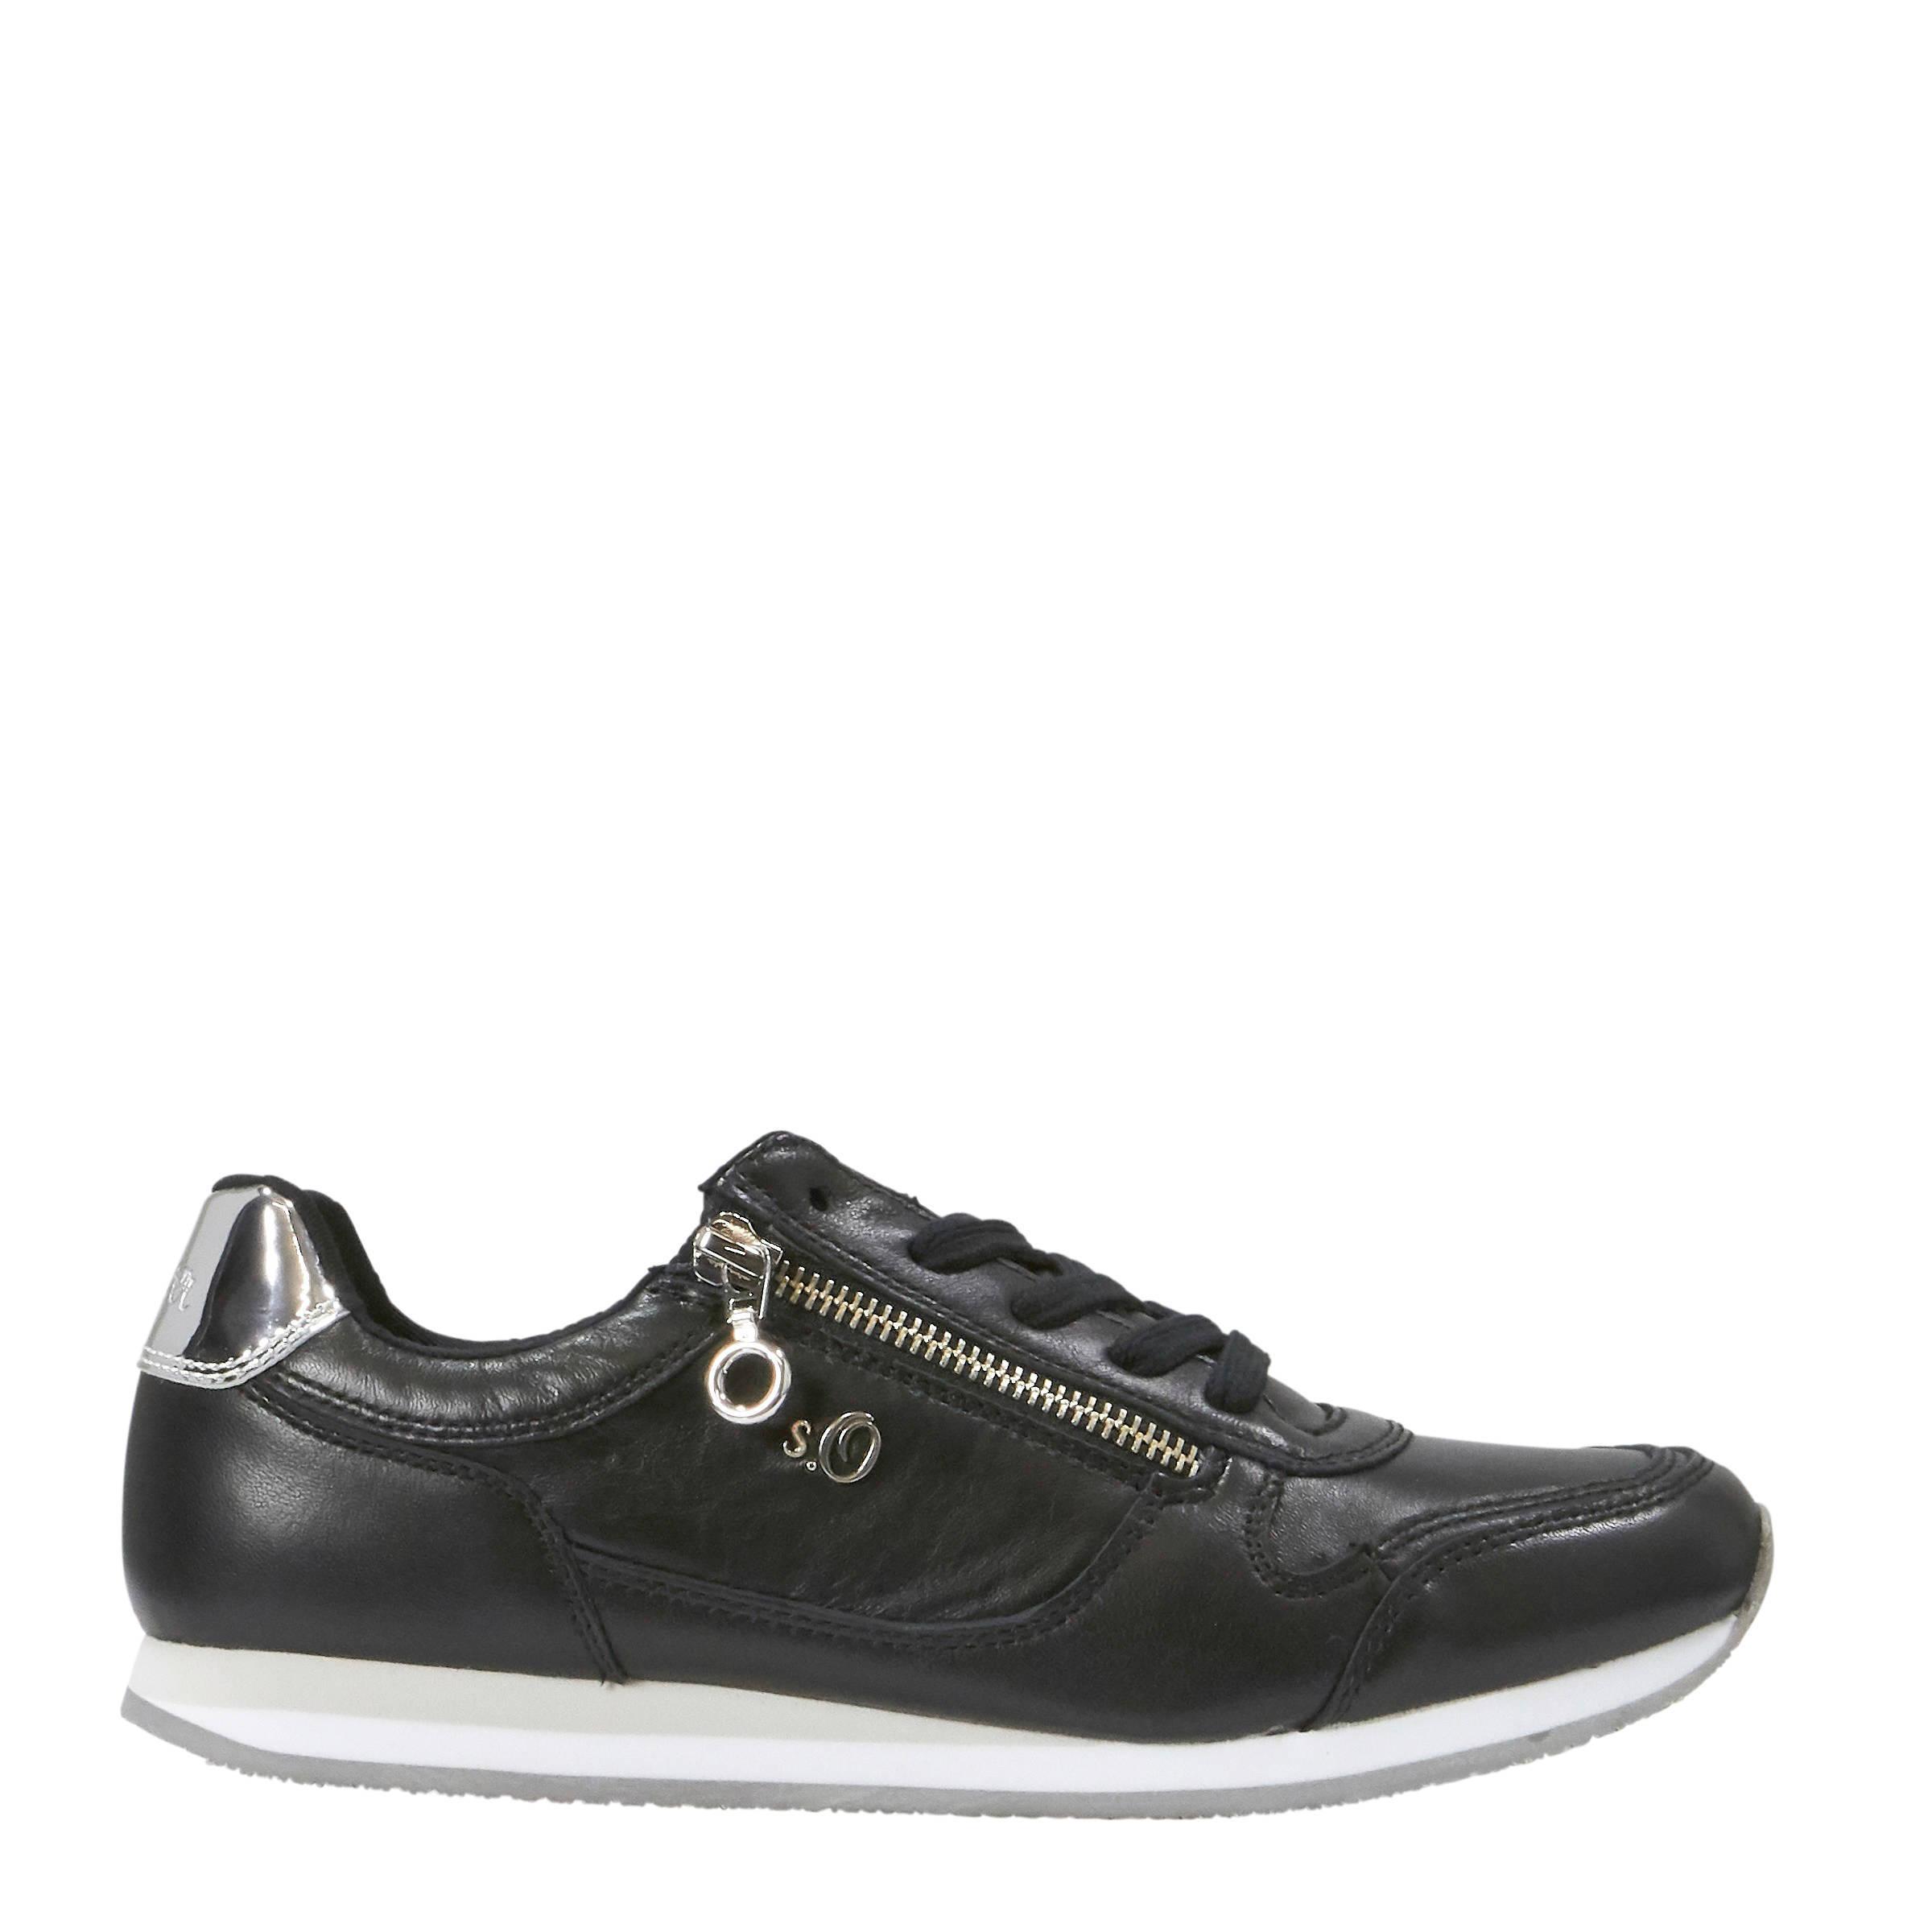 202efbe3fdd s.Oliver leren sneakers zwart | wehkamp